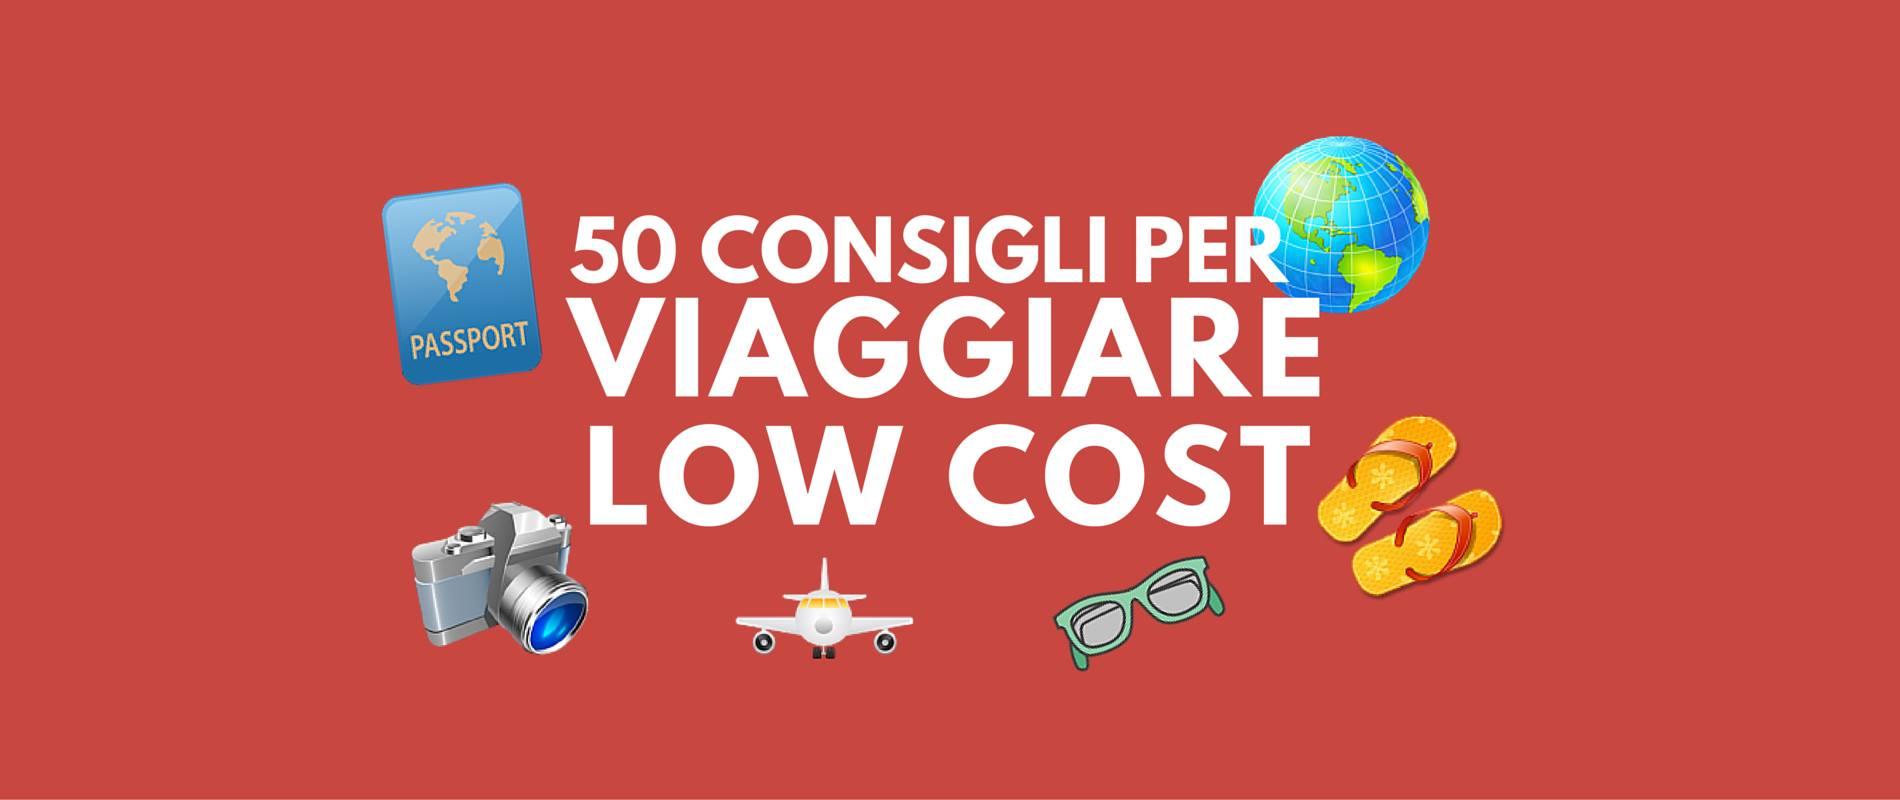 viaggiare low cost